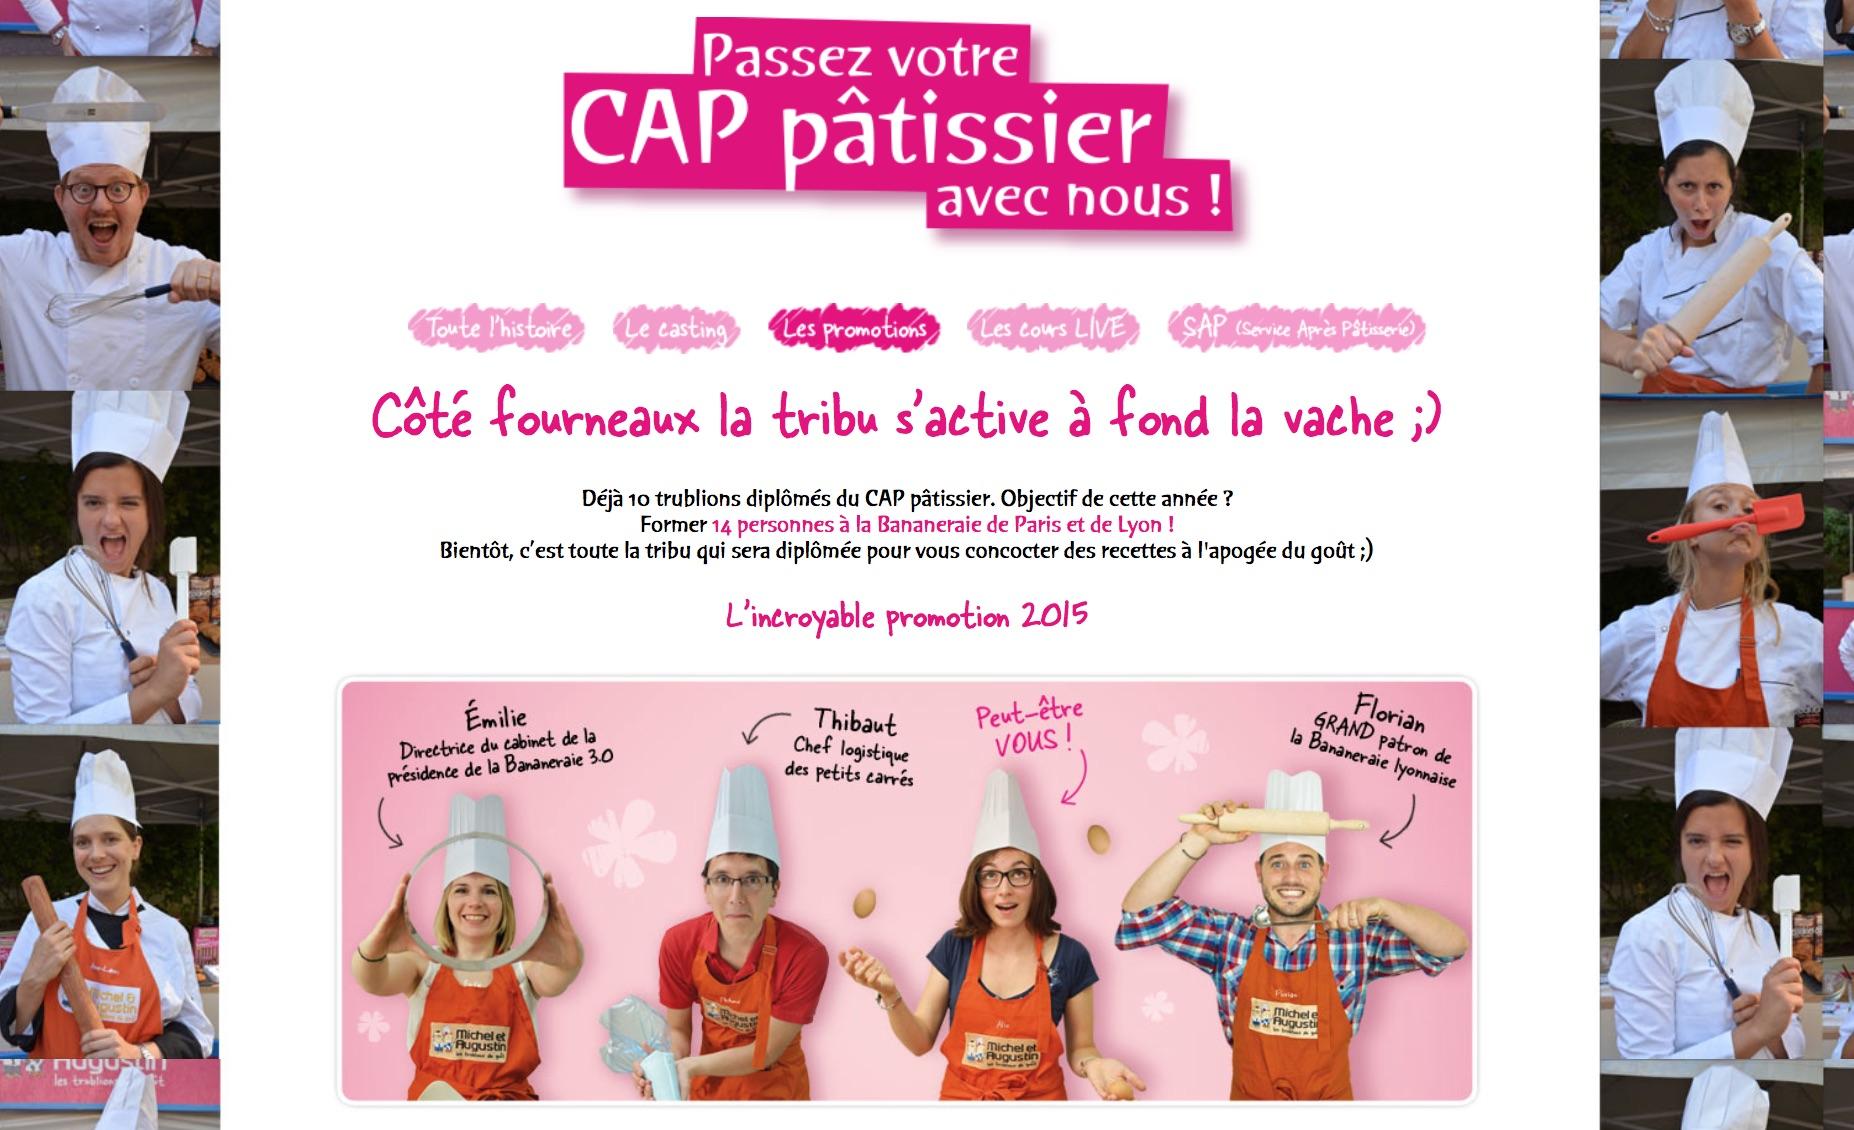 Le CAP pâtissier avec Michel et Augustin, un dispositif bien pensé dans le secteur de l'alimentation